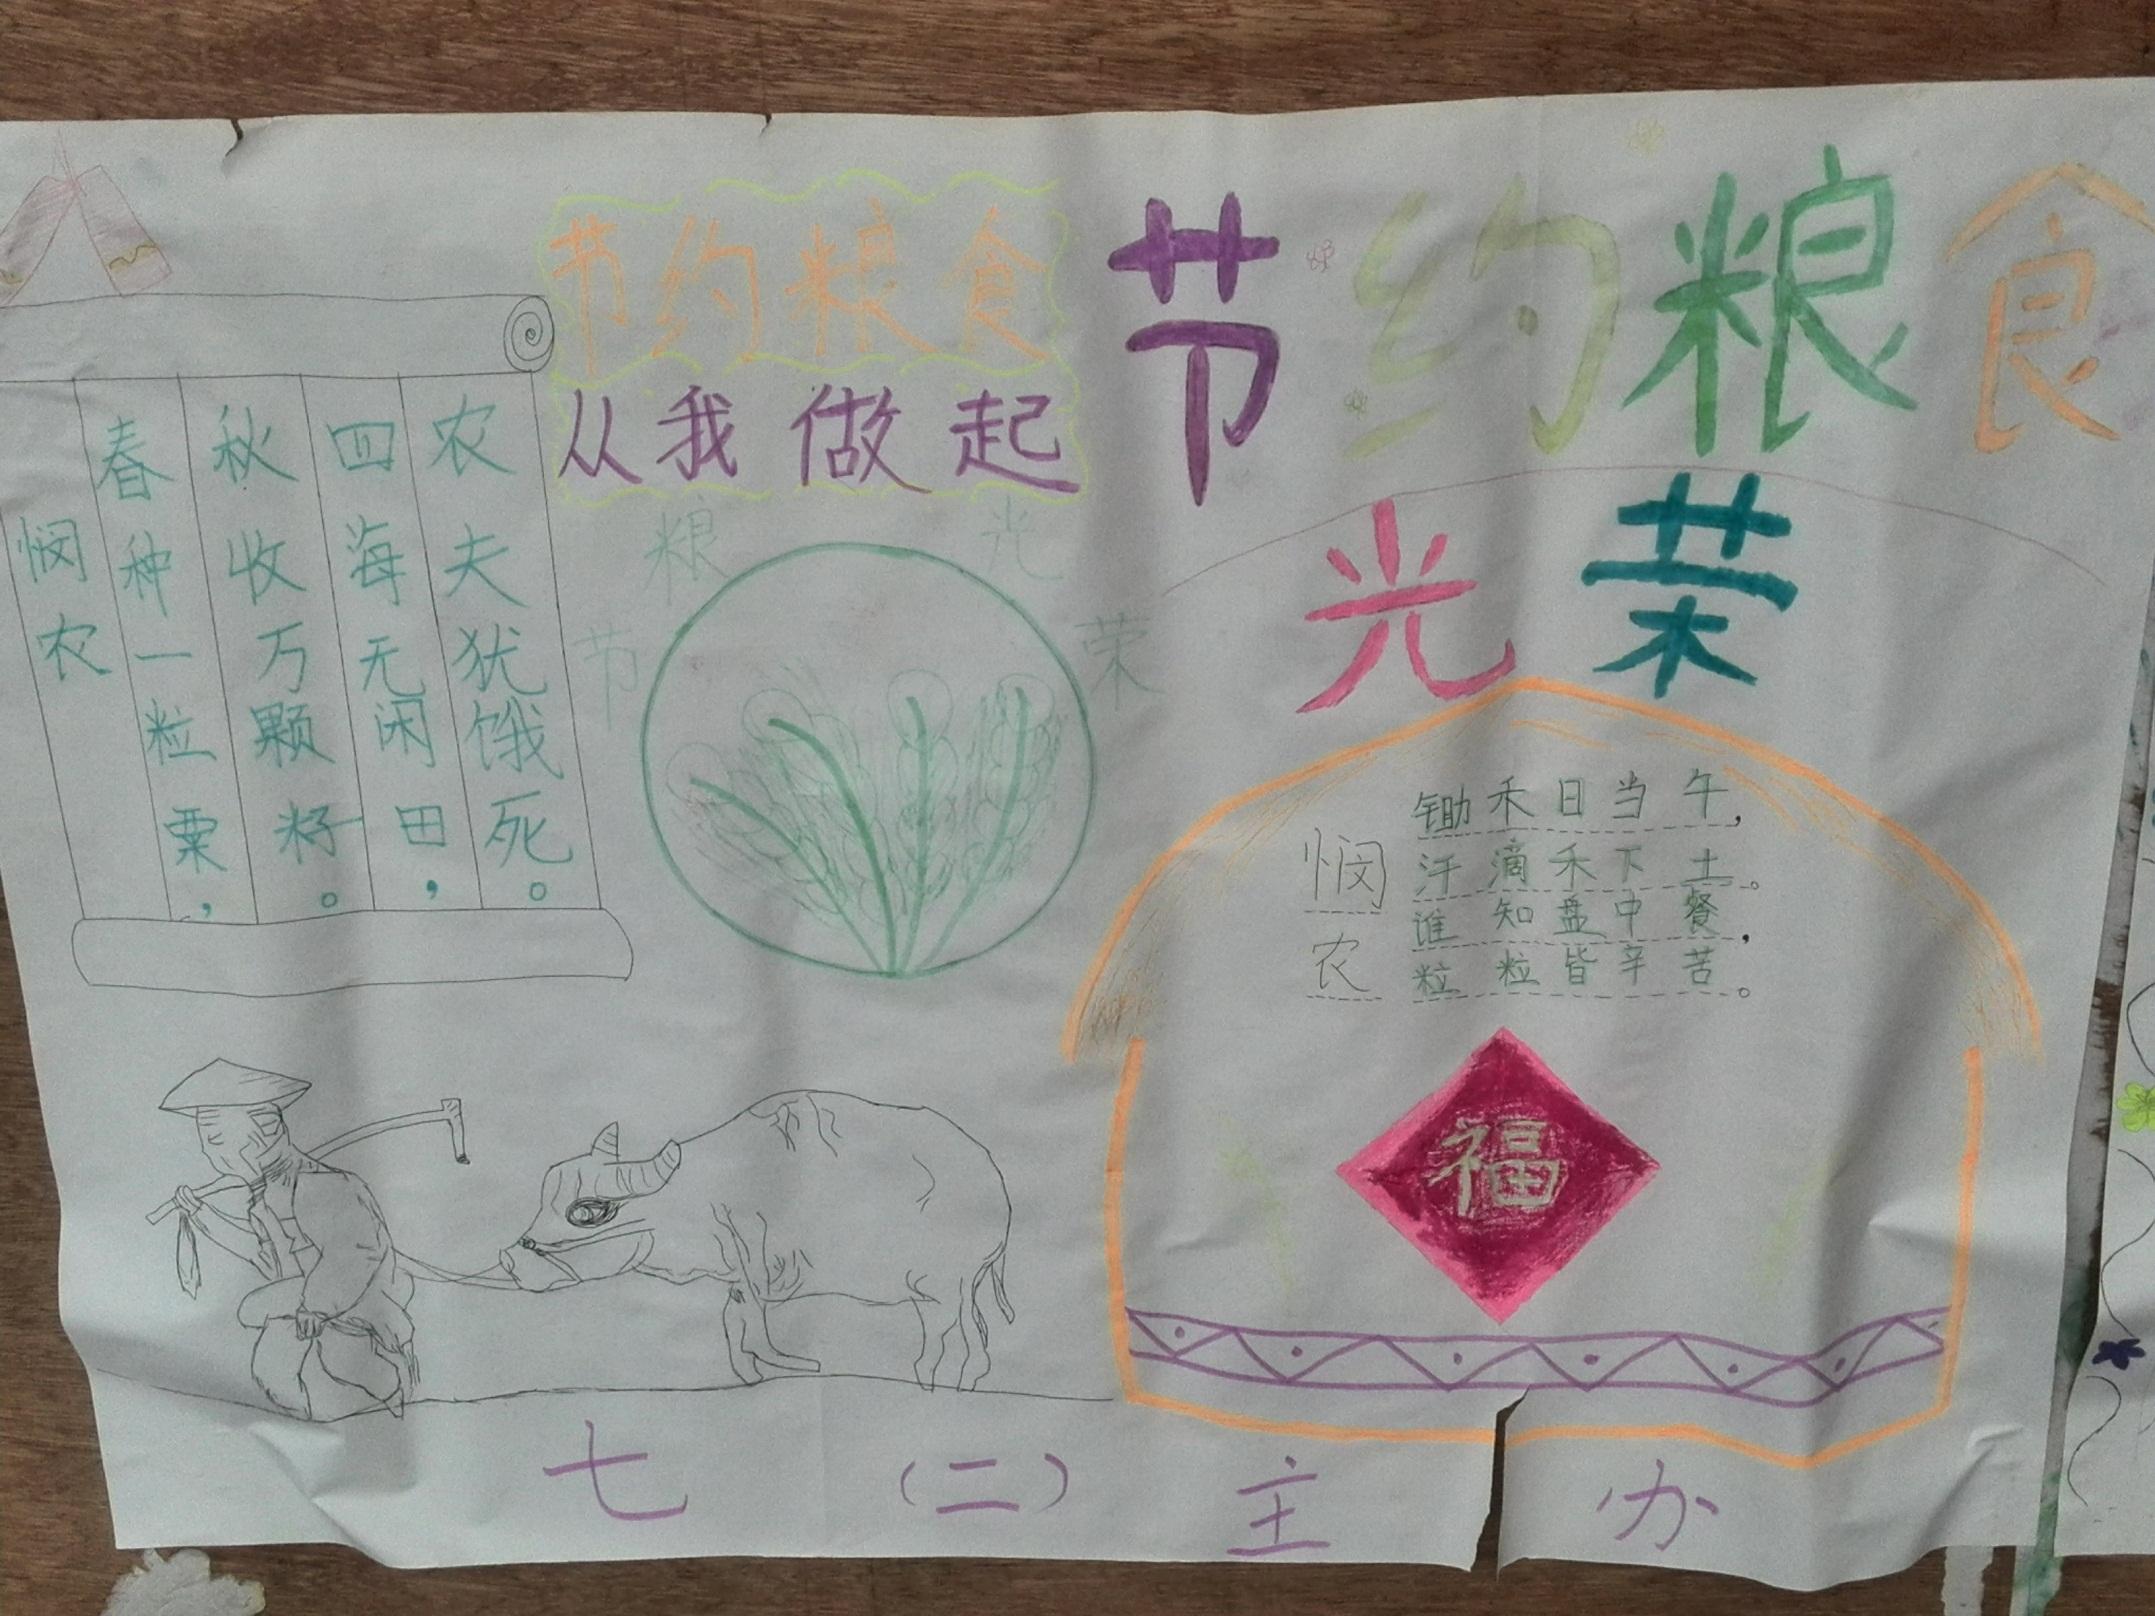 叶县昆阳中学勤俭节约手抄报